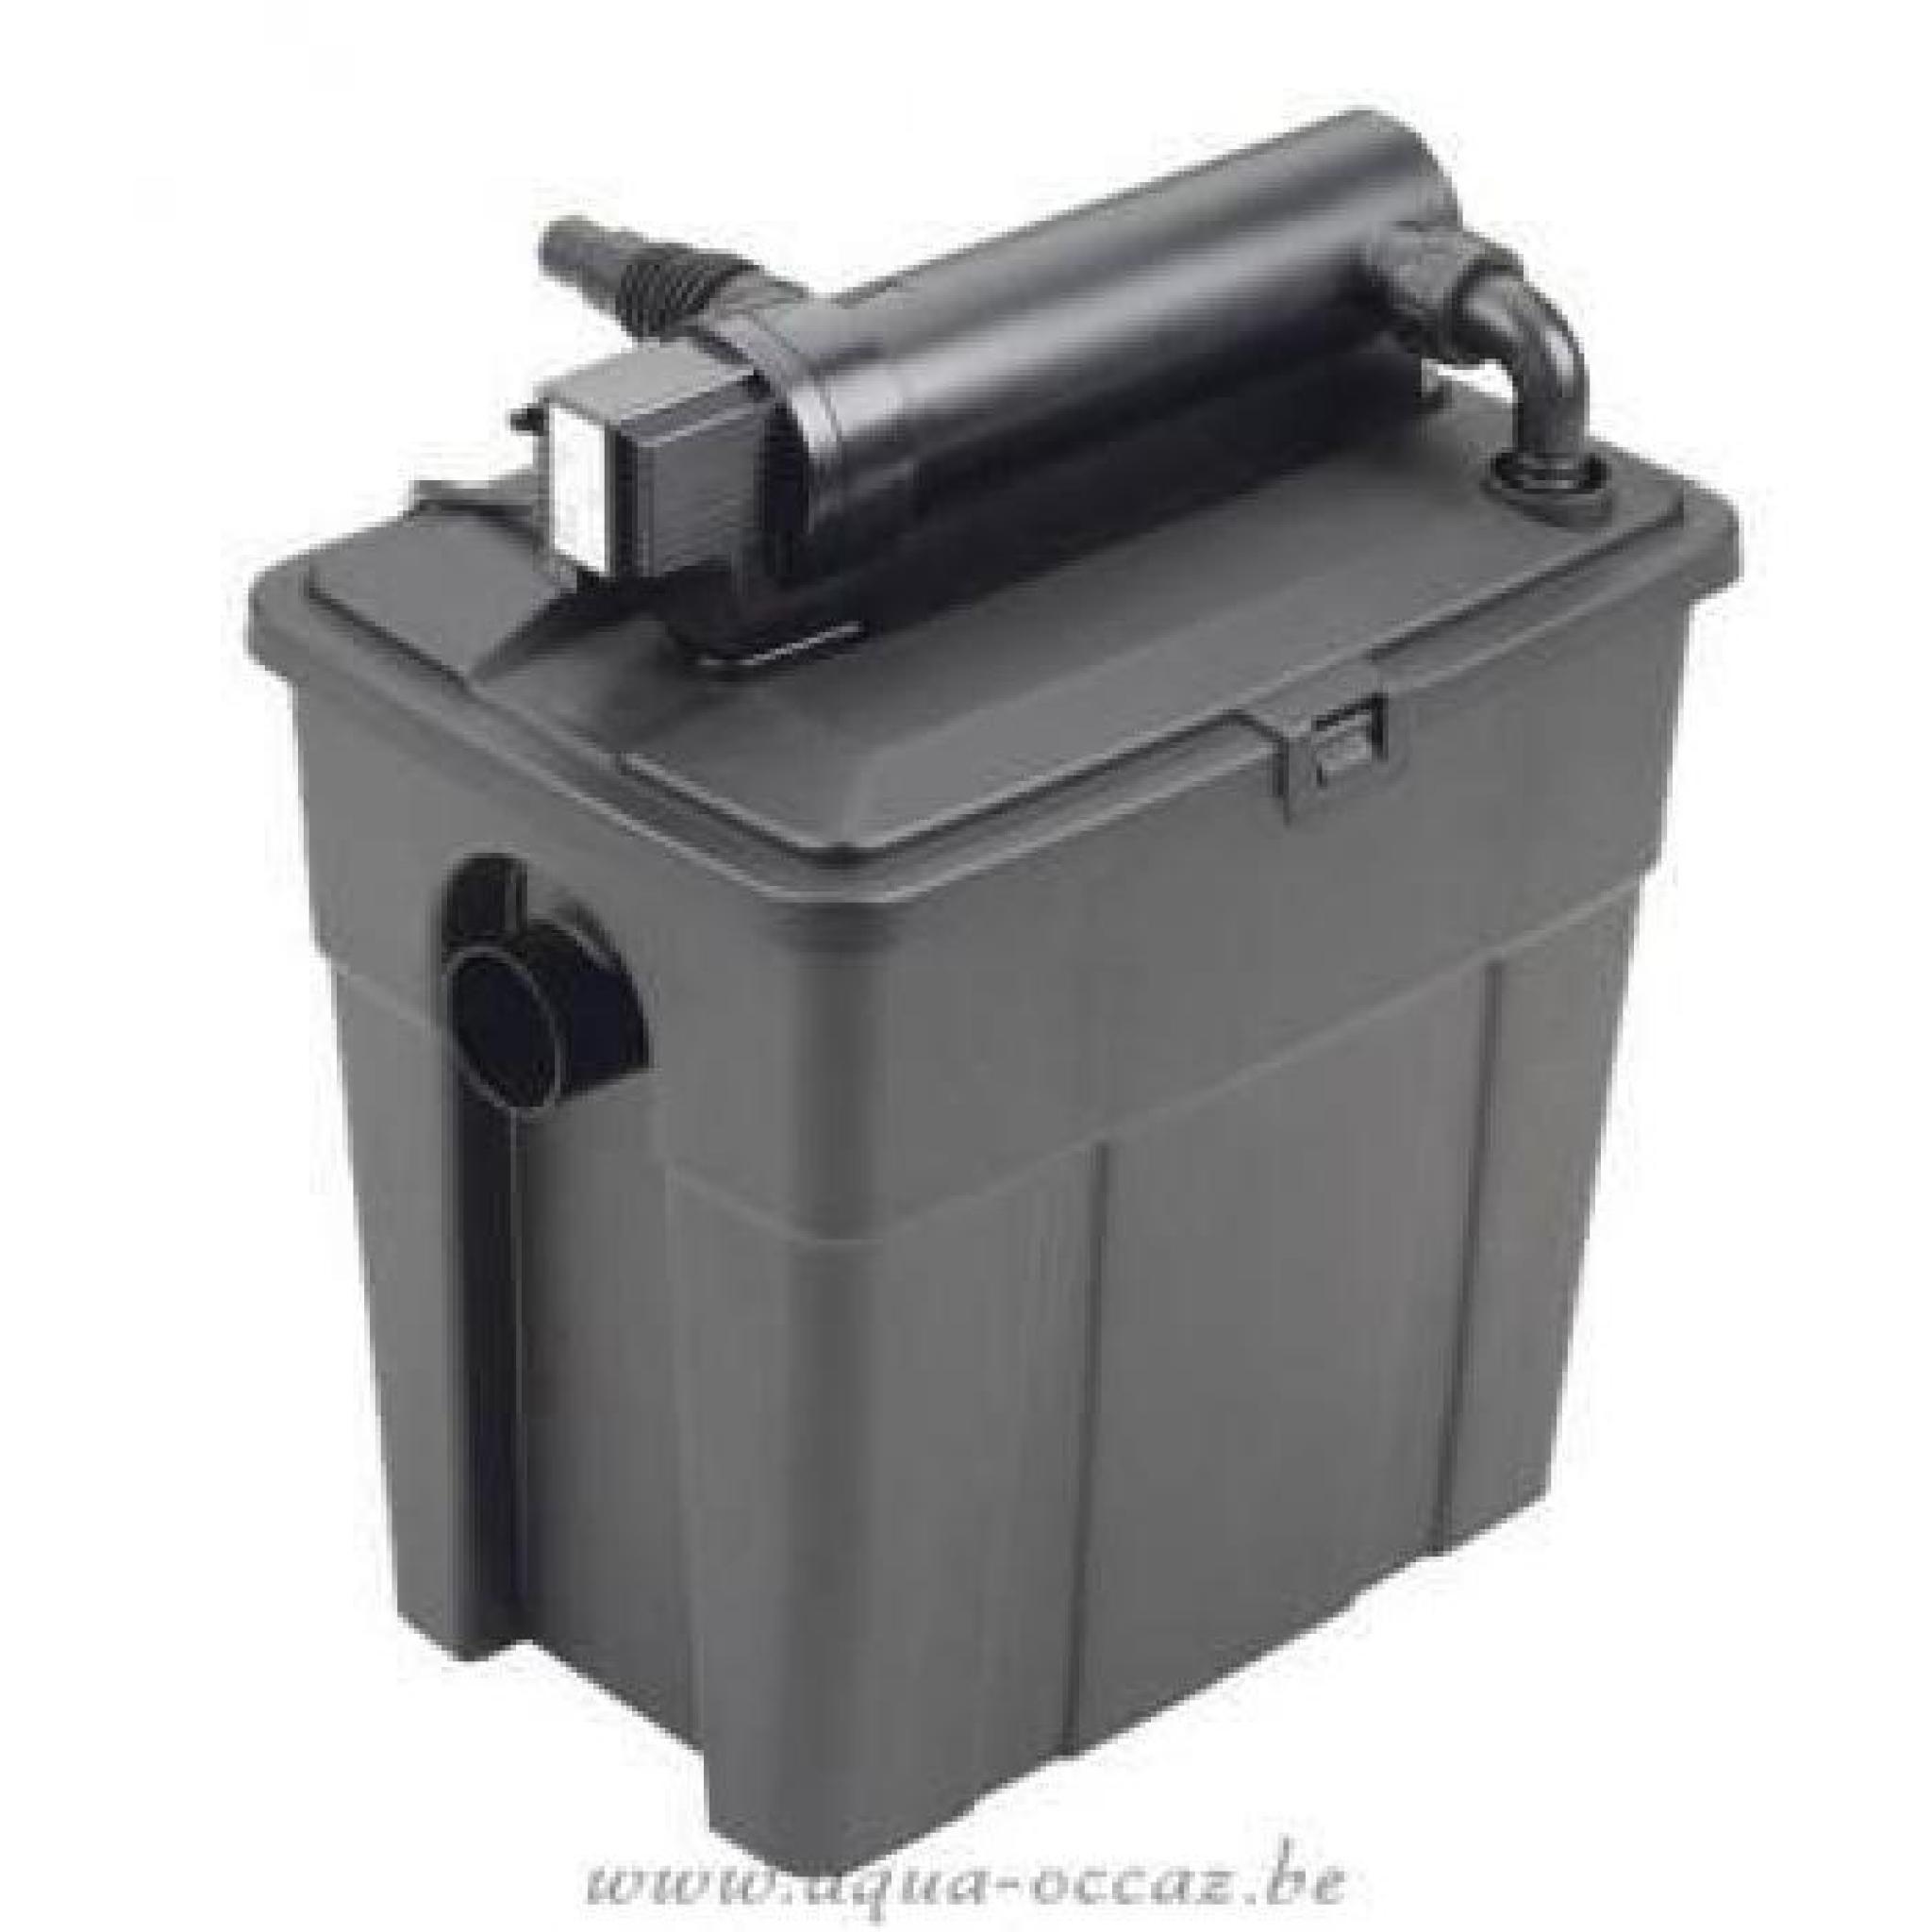 filtration complète avec uv pour bassin de jardin  2000 à